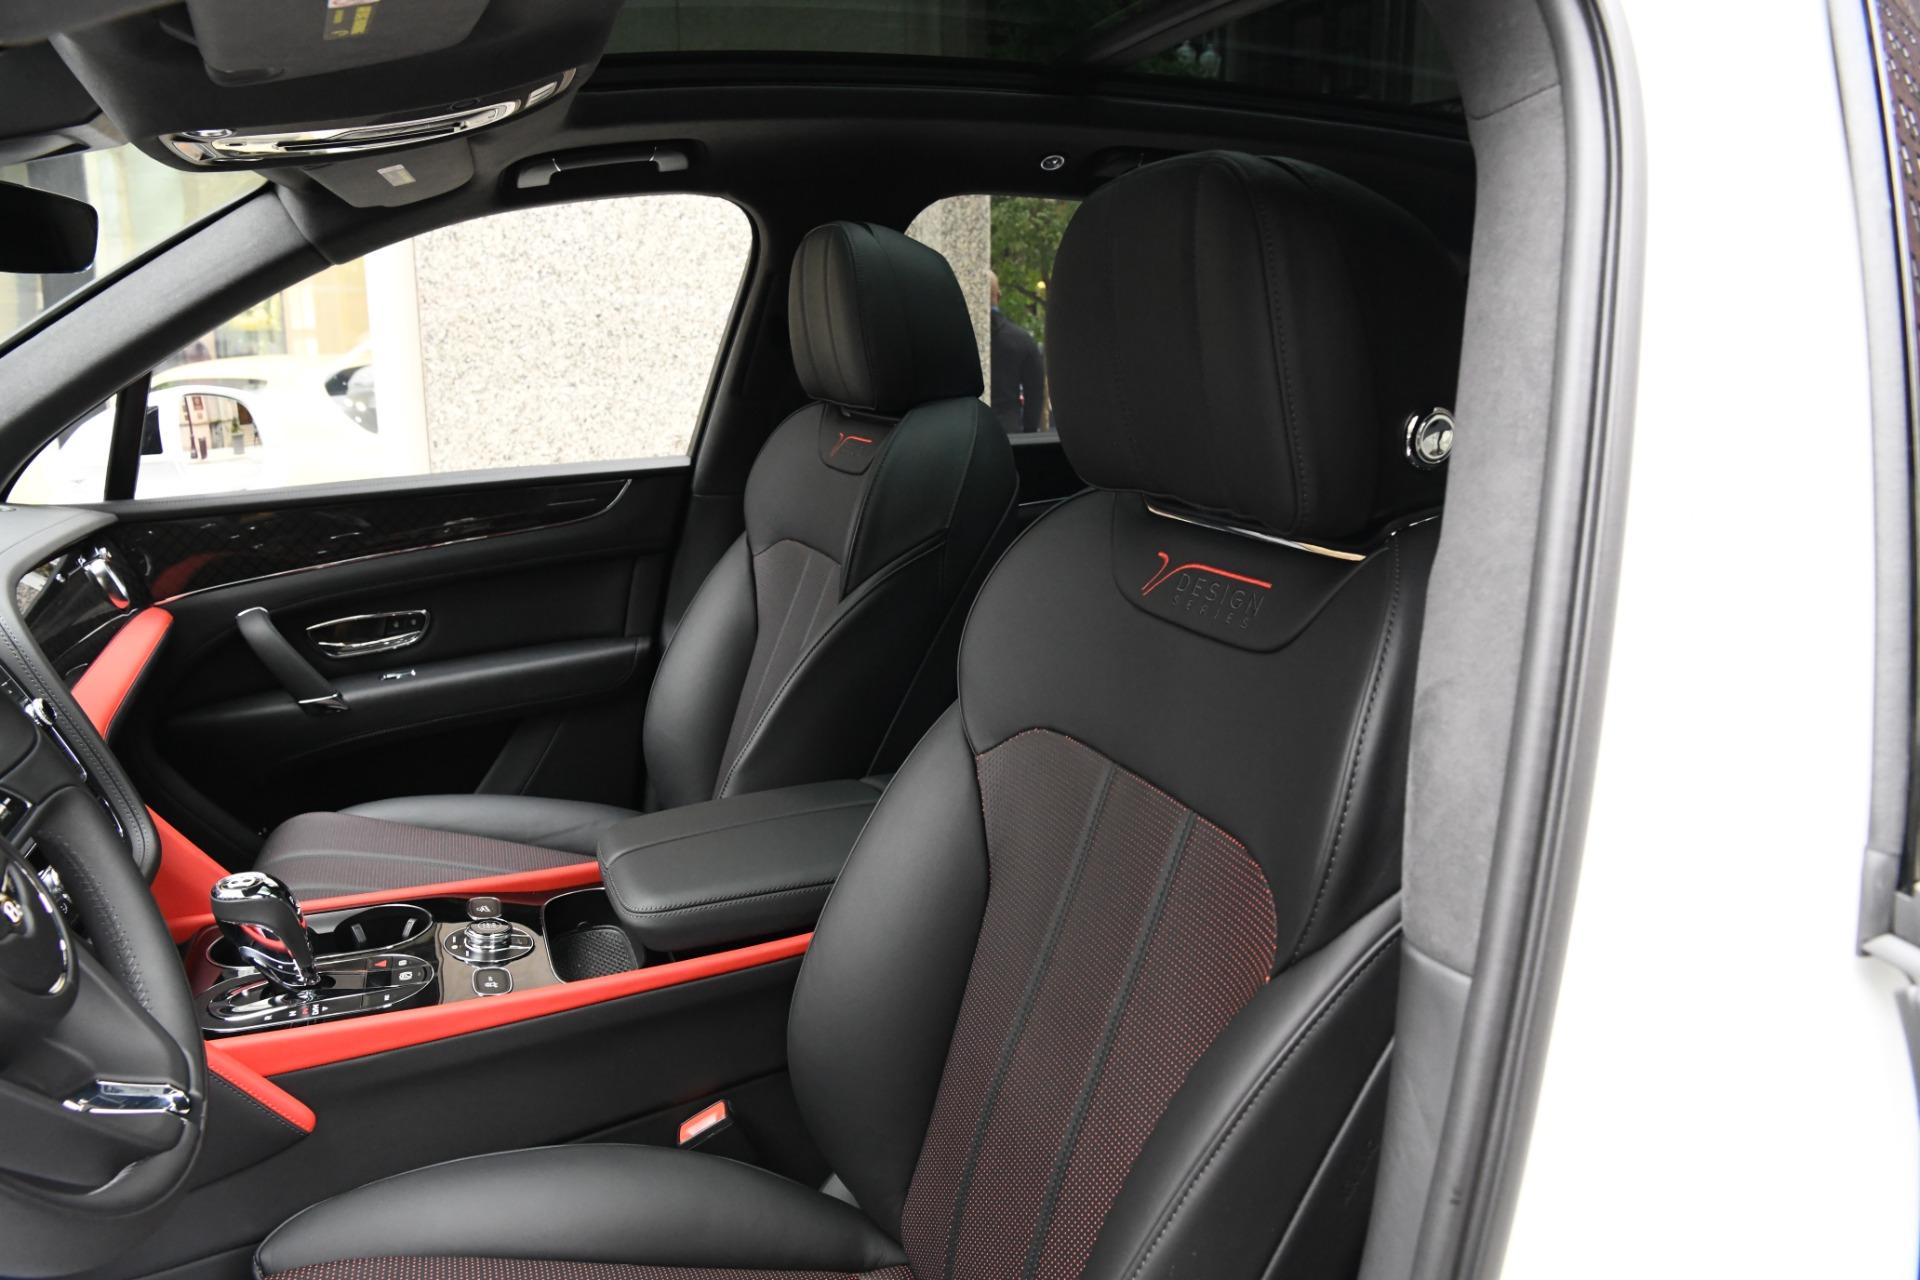 Used 2020 Bentley Bentayga Design Edition | Chicago, IL